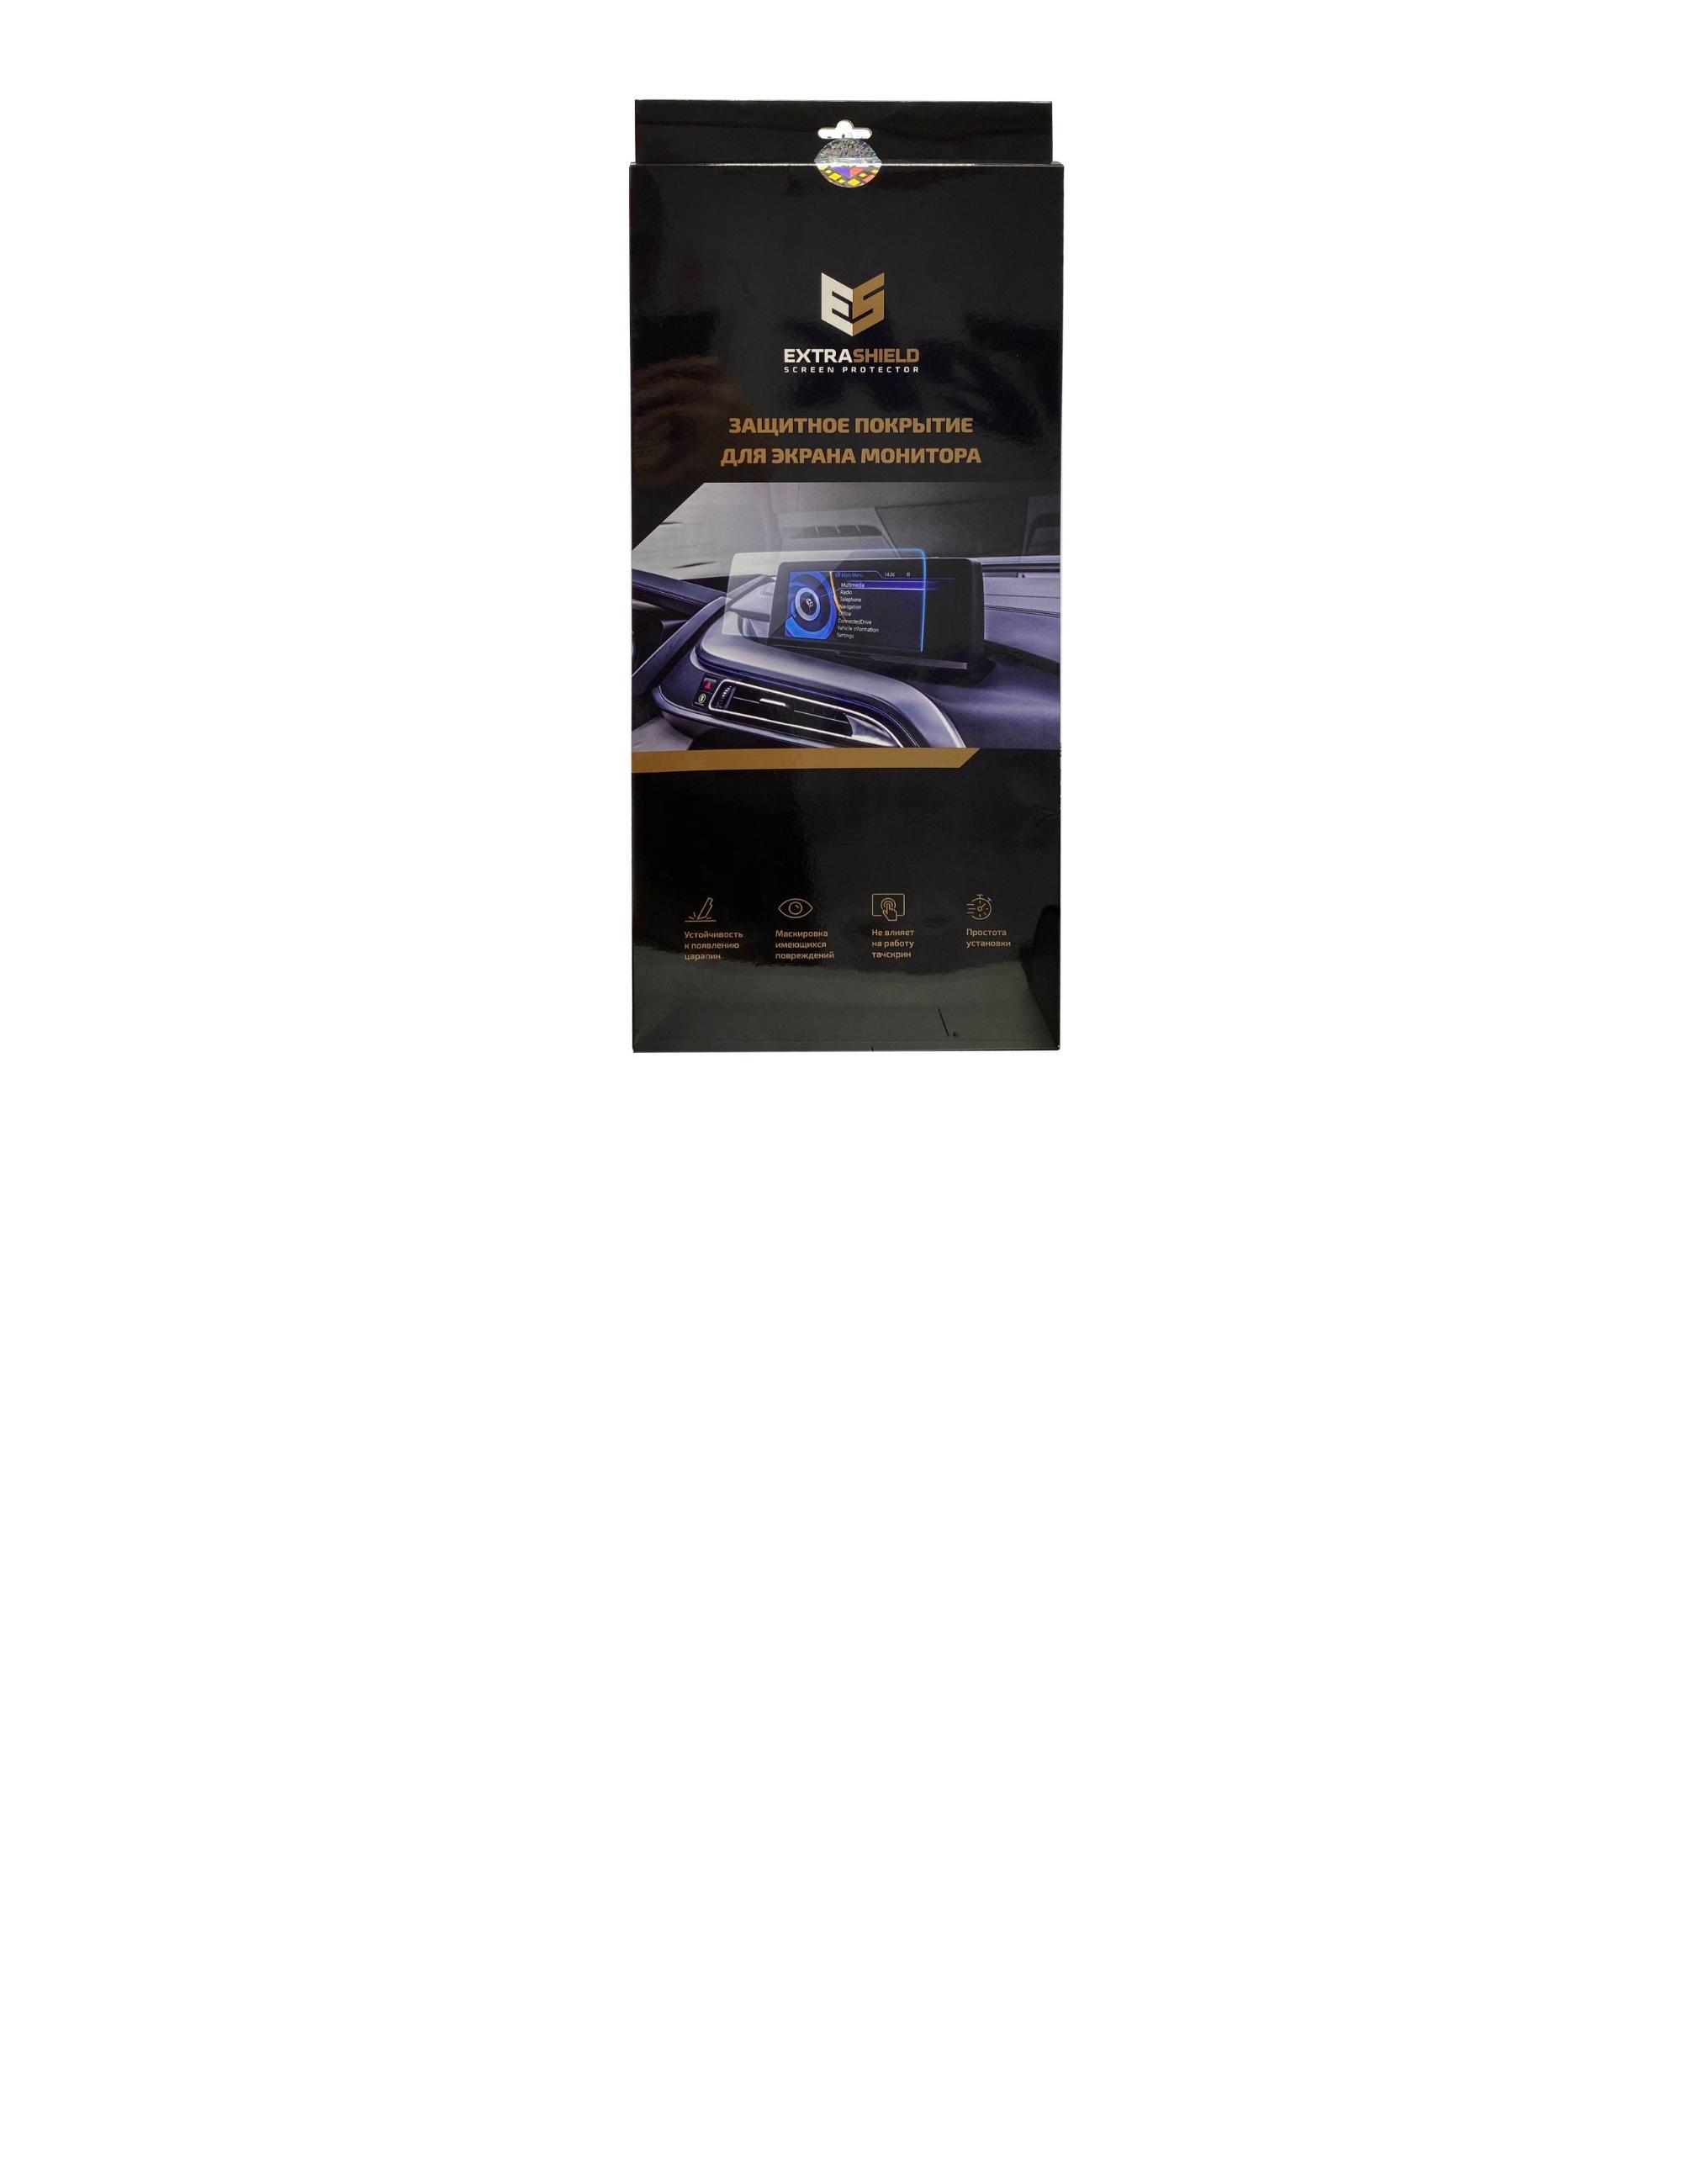 Mercedes-Benz CLA (C118) 2019 - н.в. приборная панель+мультимедиа 10,25 Защитное стекло Матовая